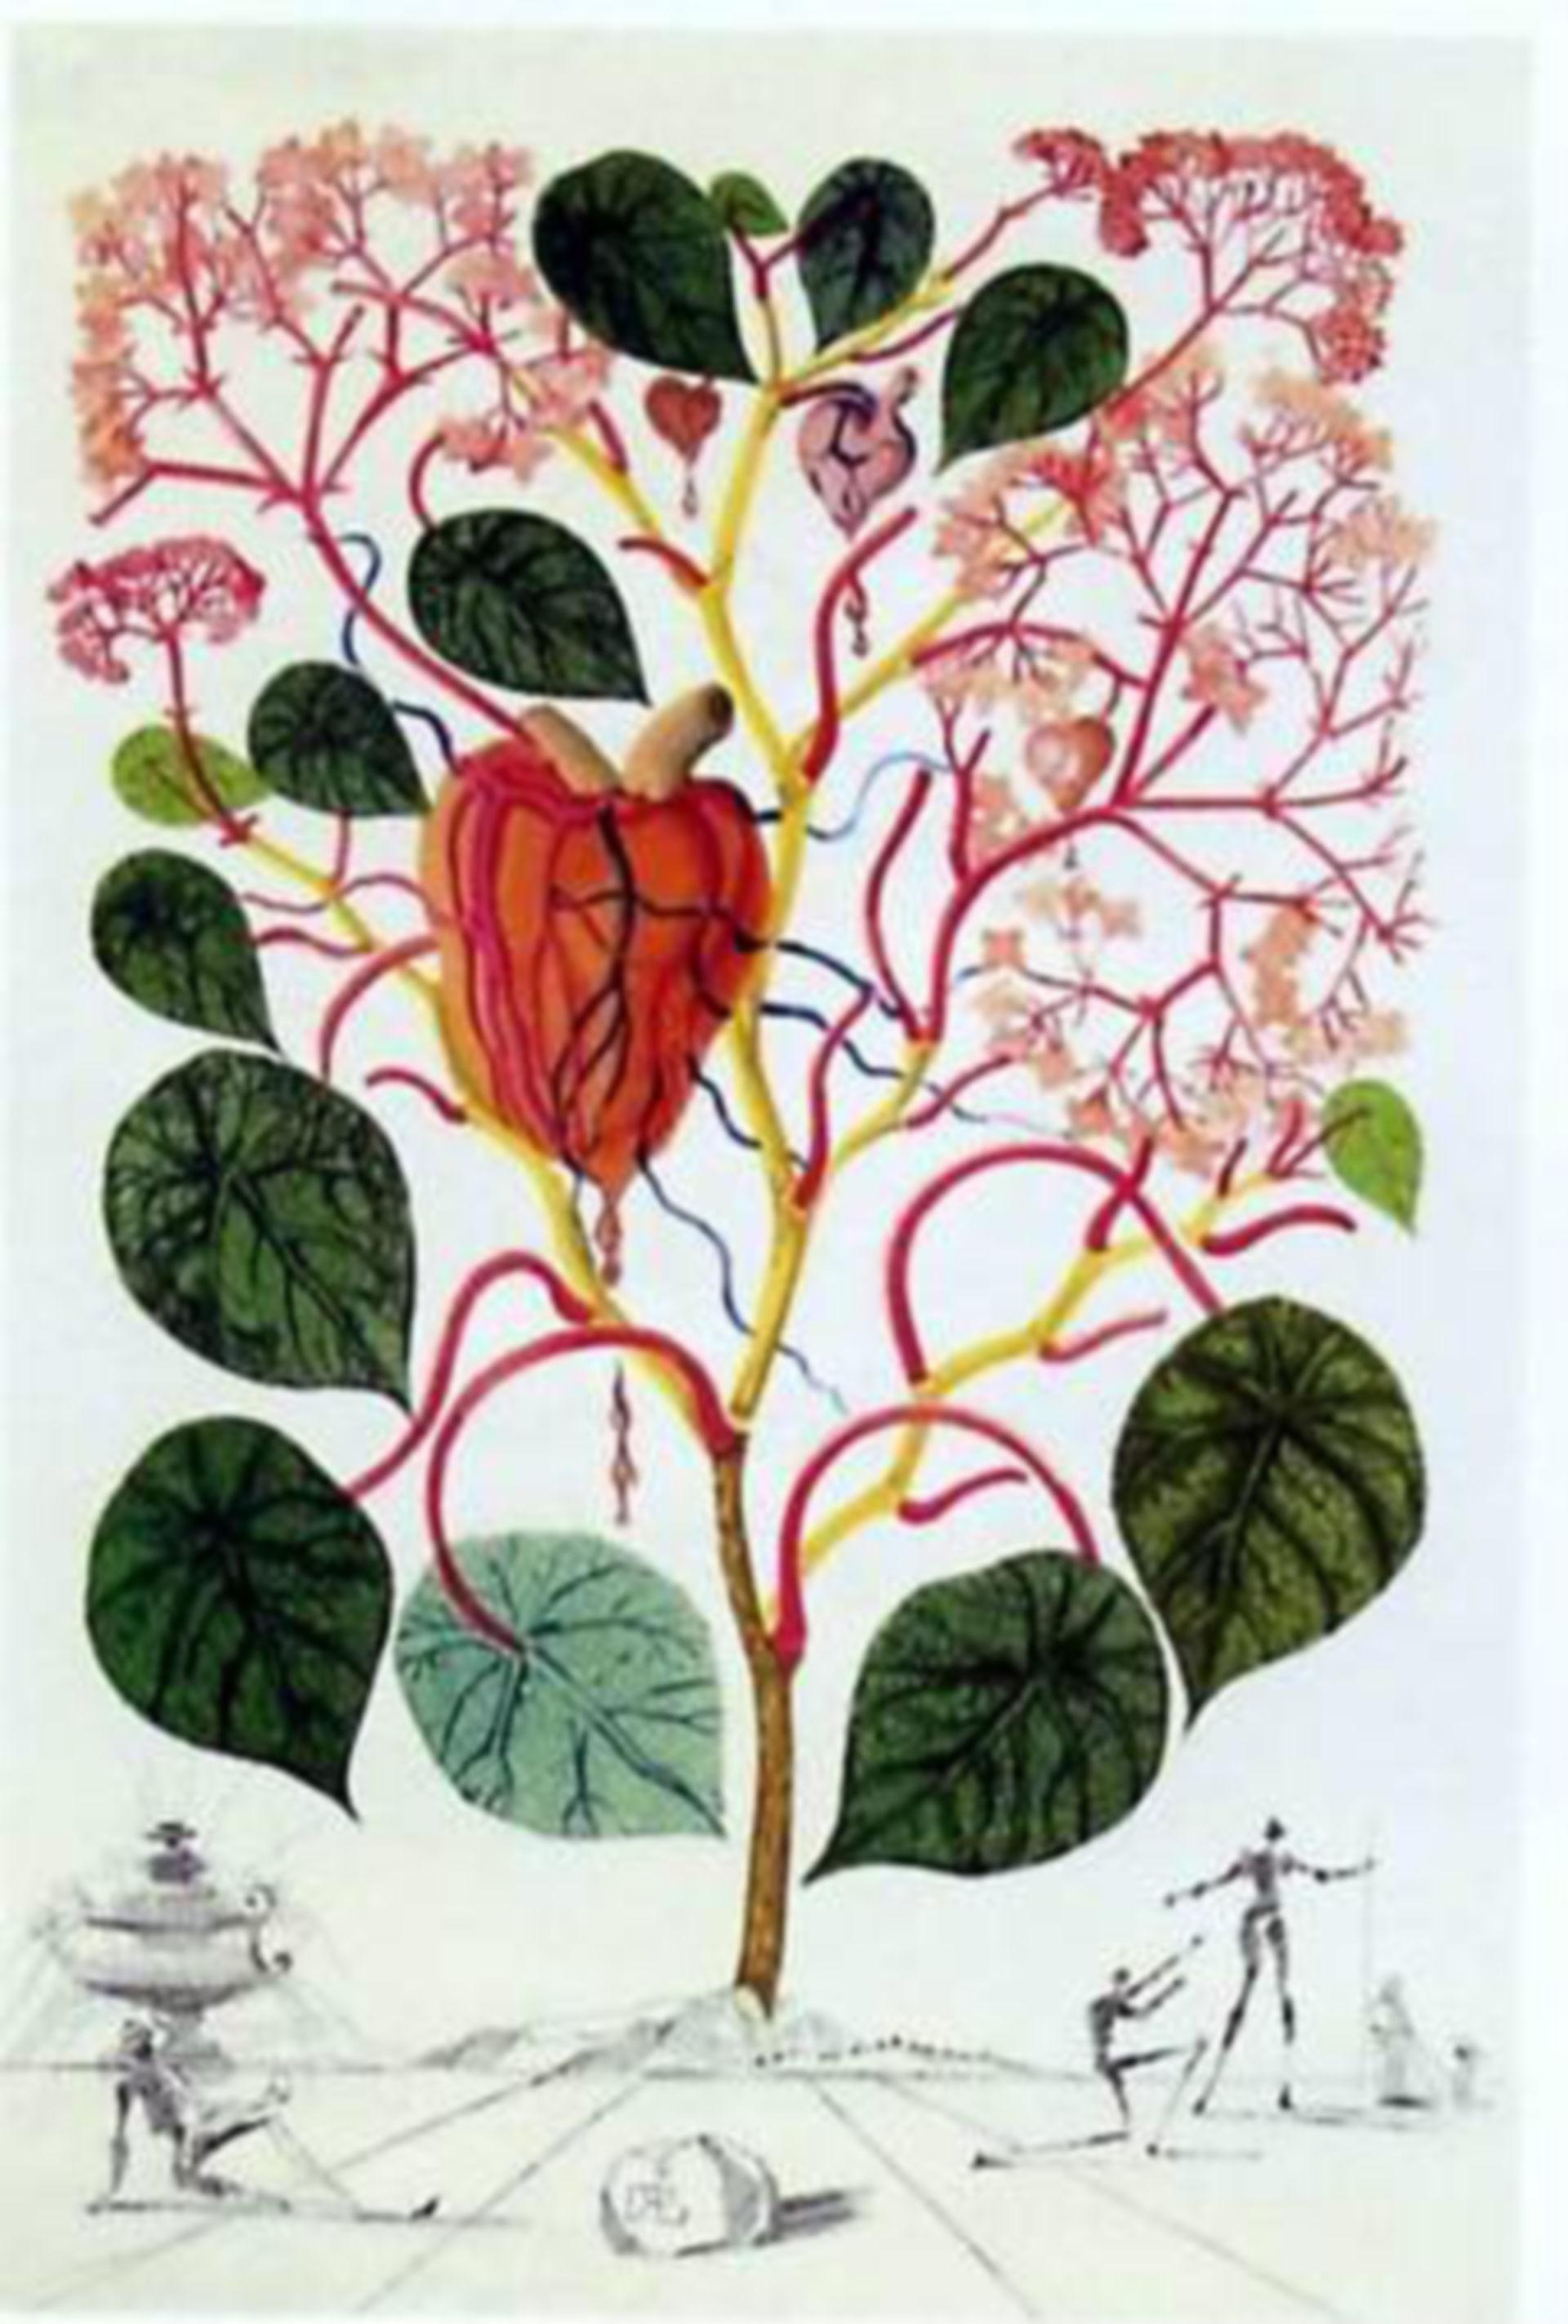 Anacardium recordans